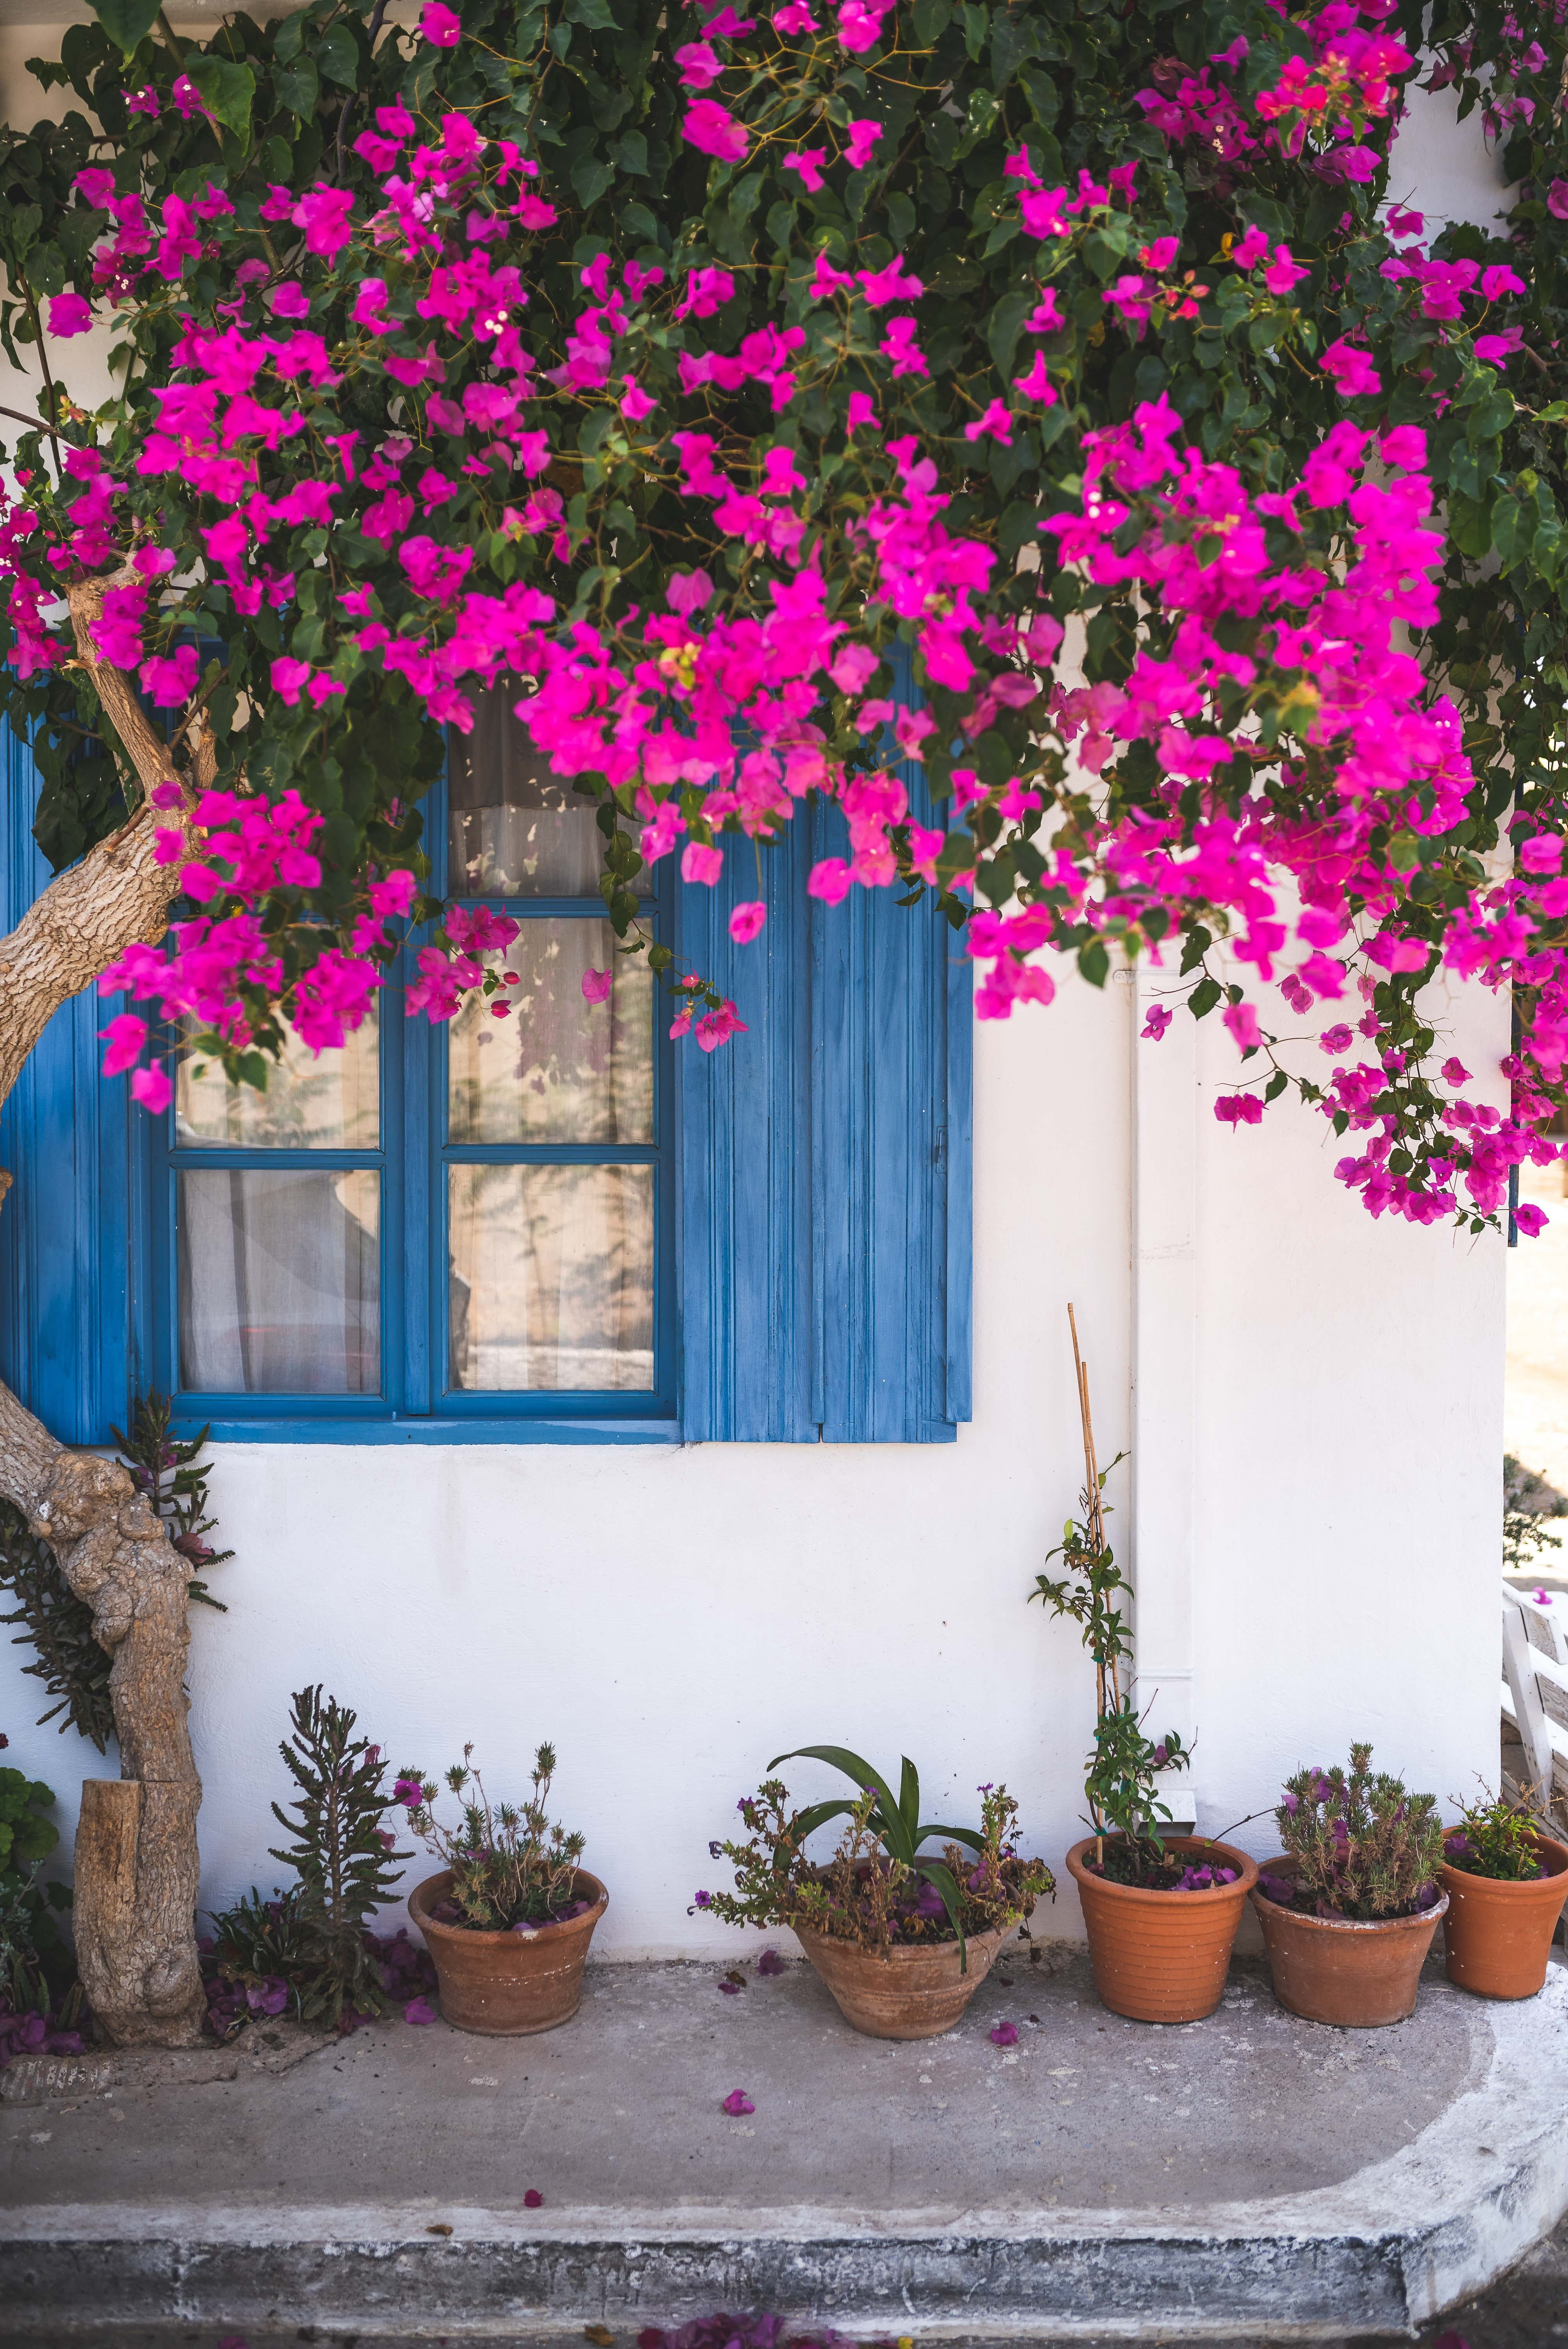 Pink Bougainvillea Flowers on Wall